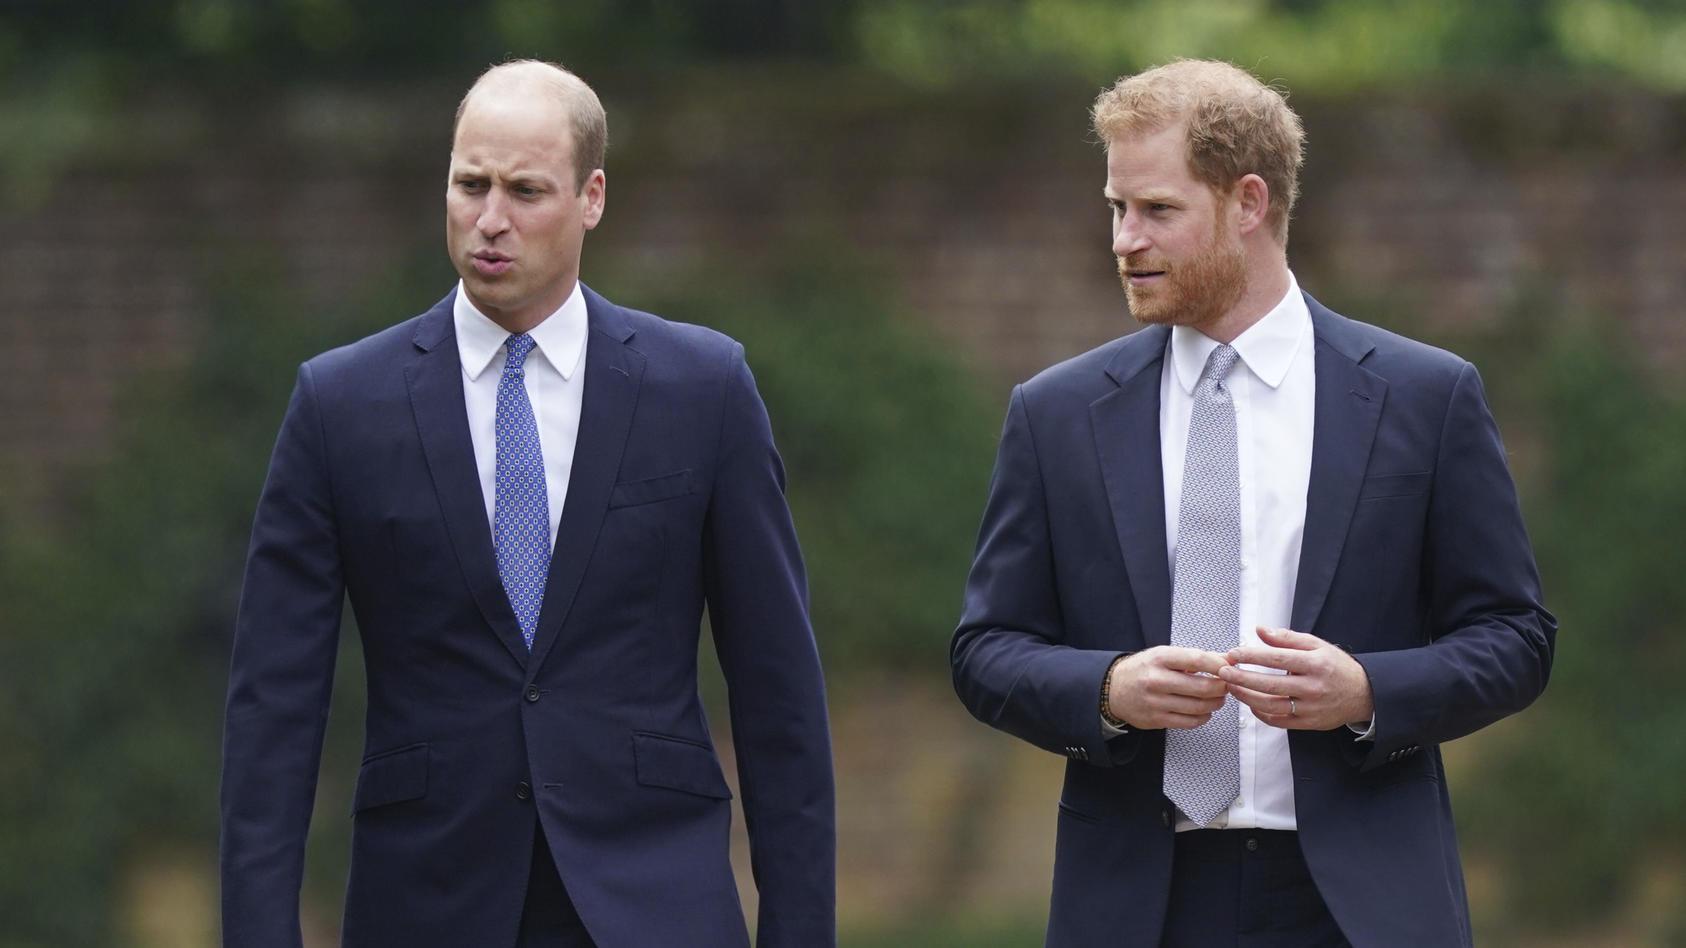 Prinz William und Prinz Harry haben im Juli gemeinsam eine Statue für ihre verstorbene Mutter Diana enthüllt.